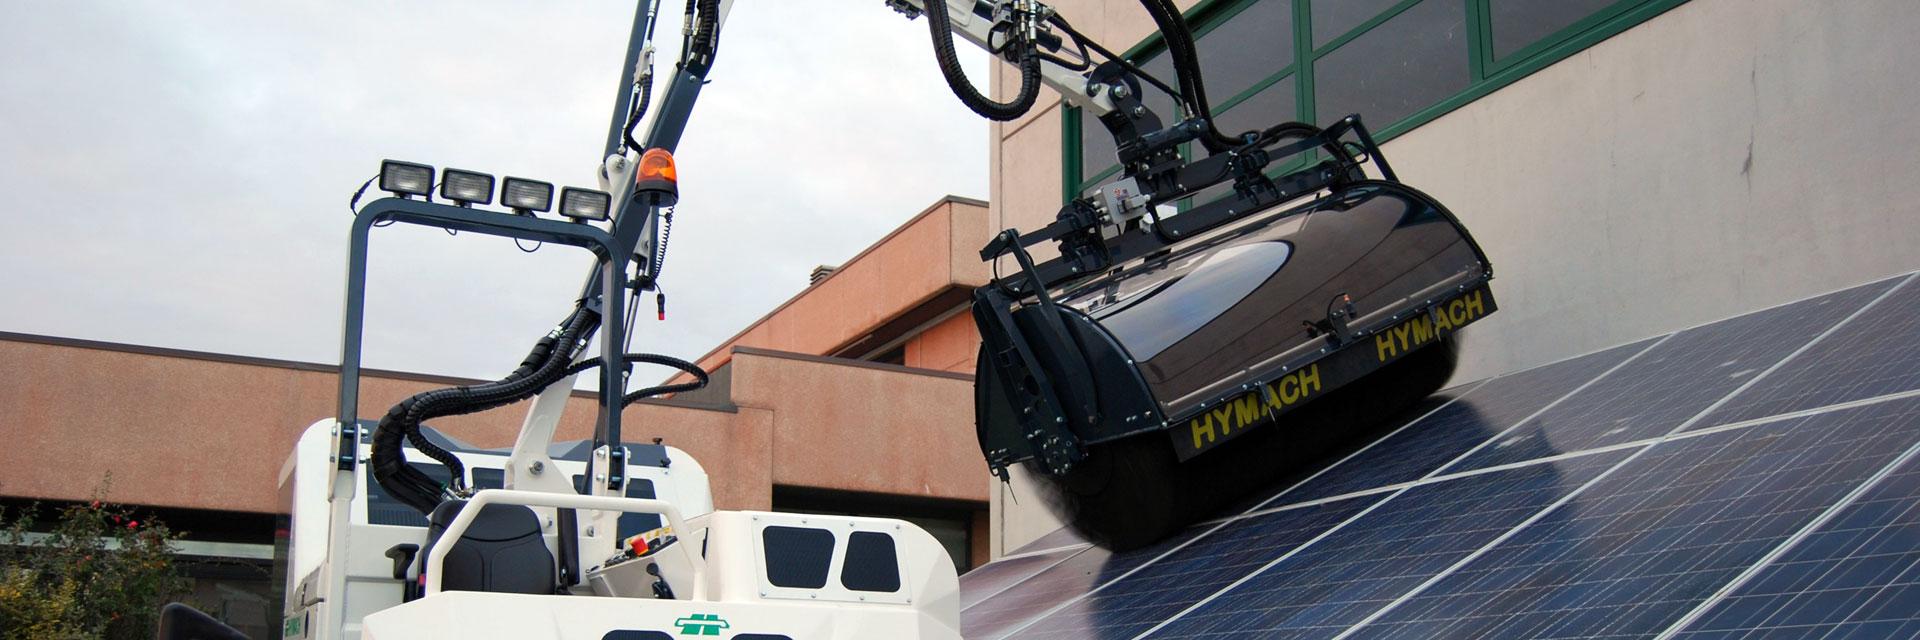 Limpiadores para paneles solares y fotovoltaicos